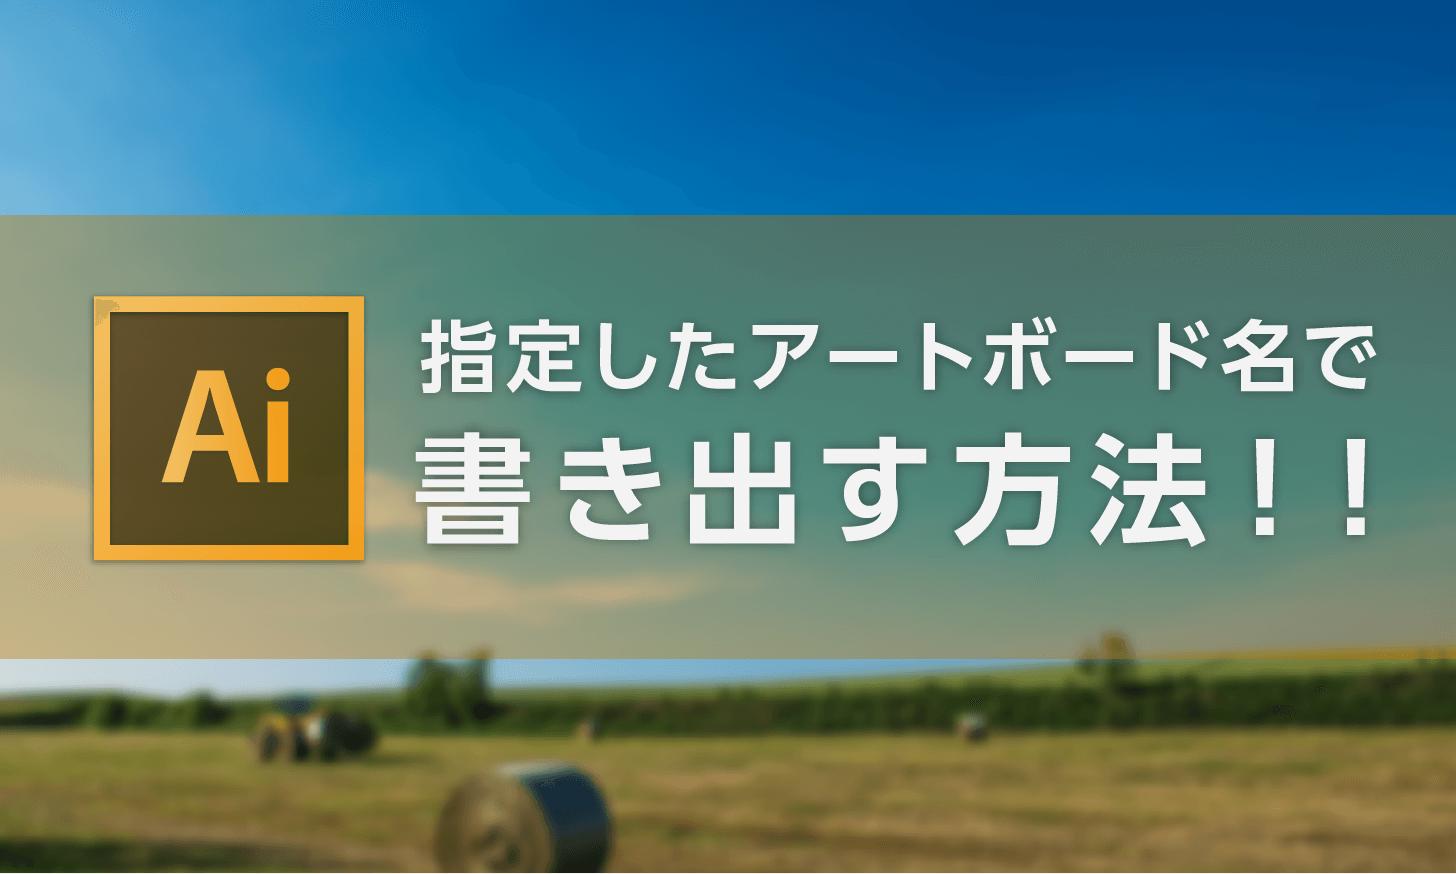 【Illustrator】指定したアートボード名で書き出す方法!!